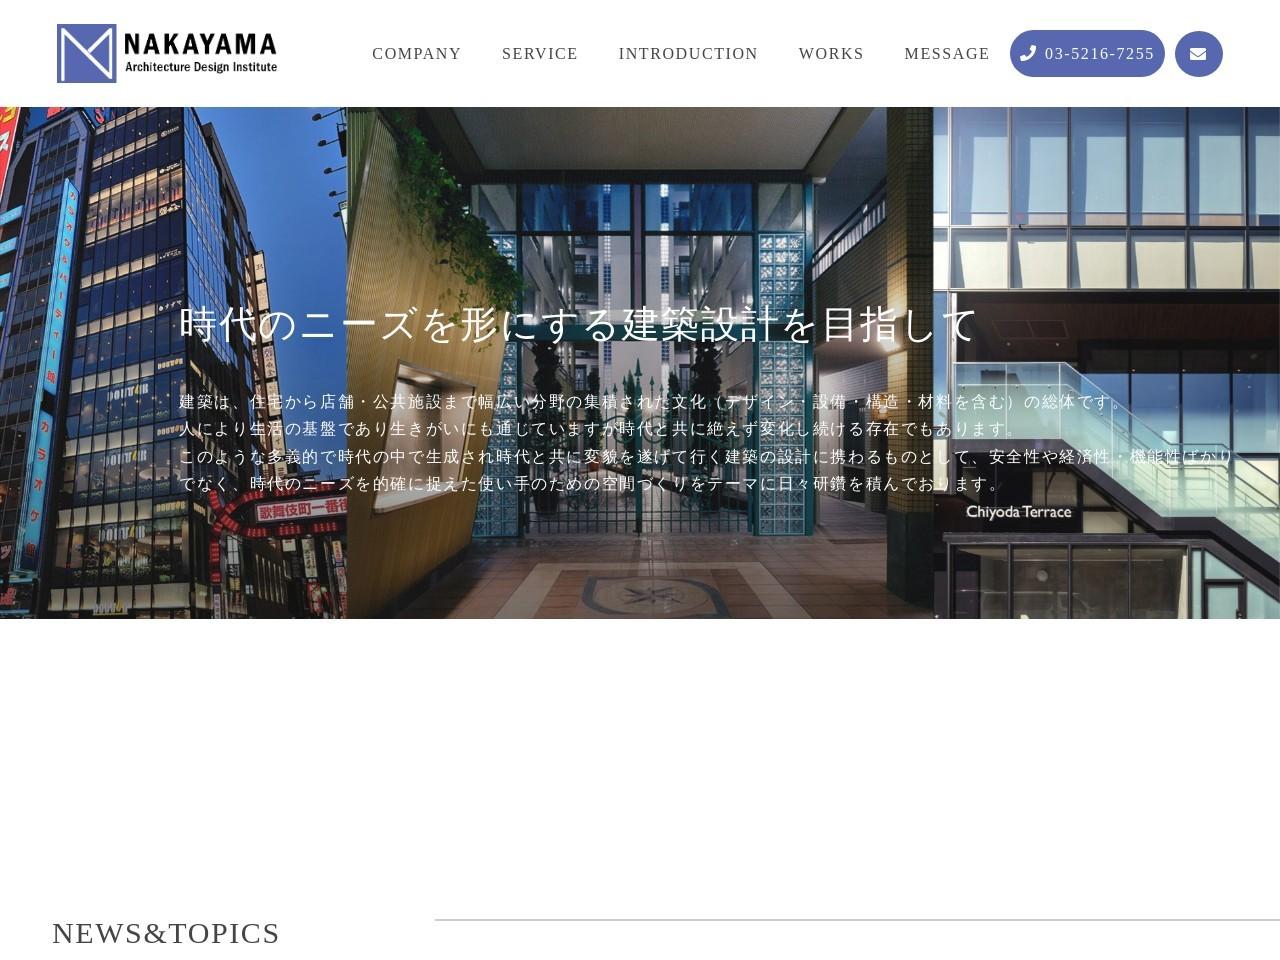 株式会社中山建築デザイン研究所